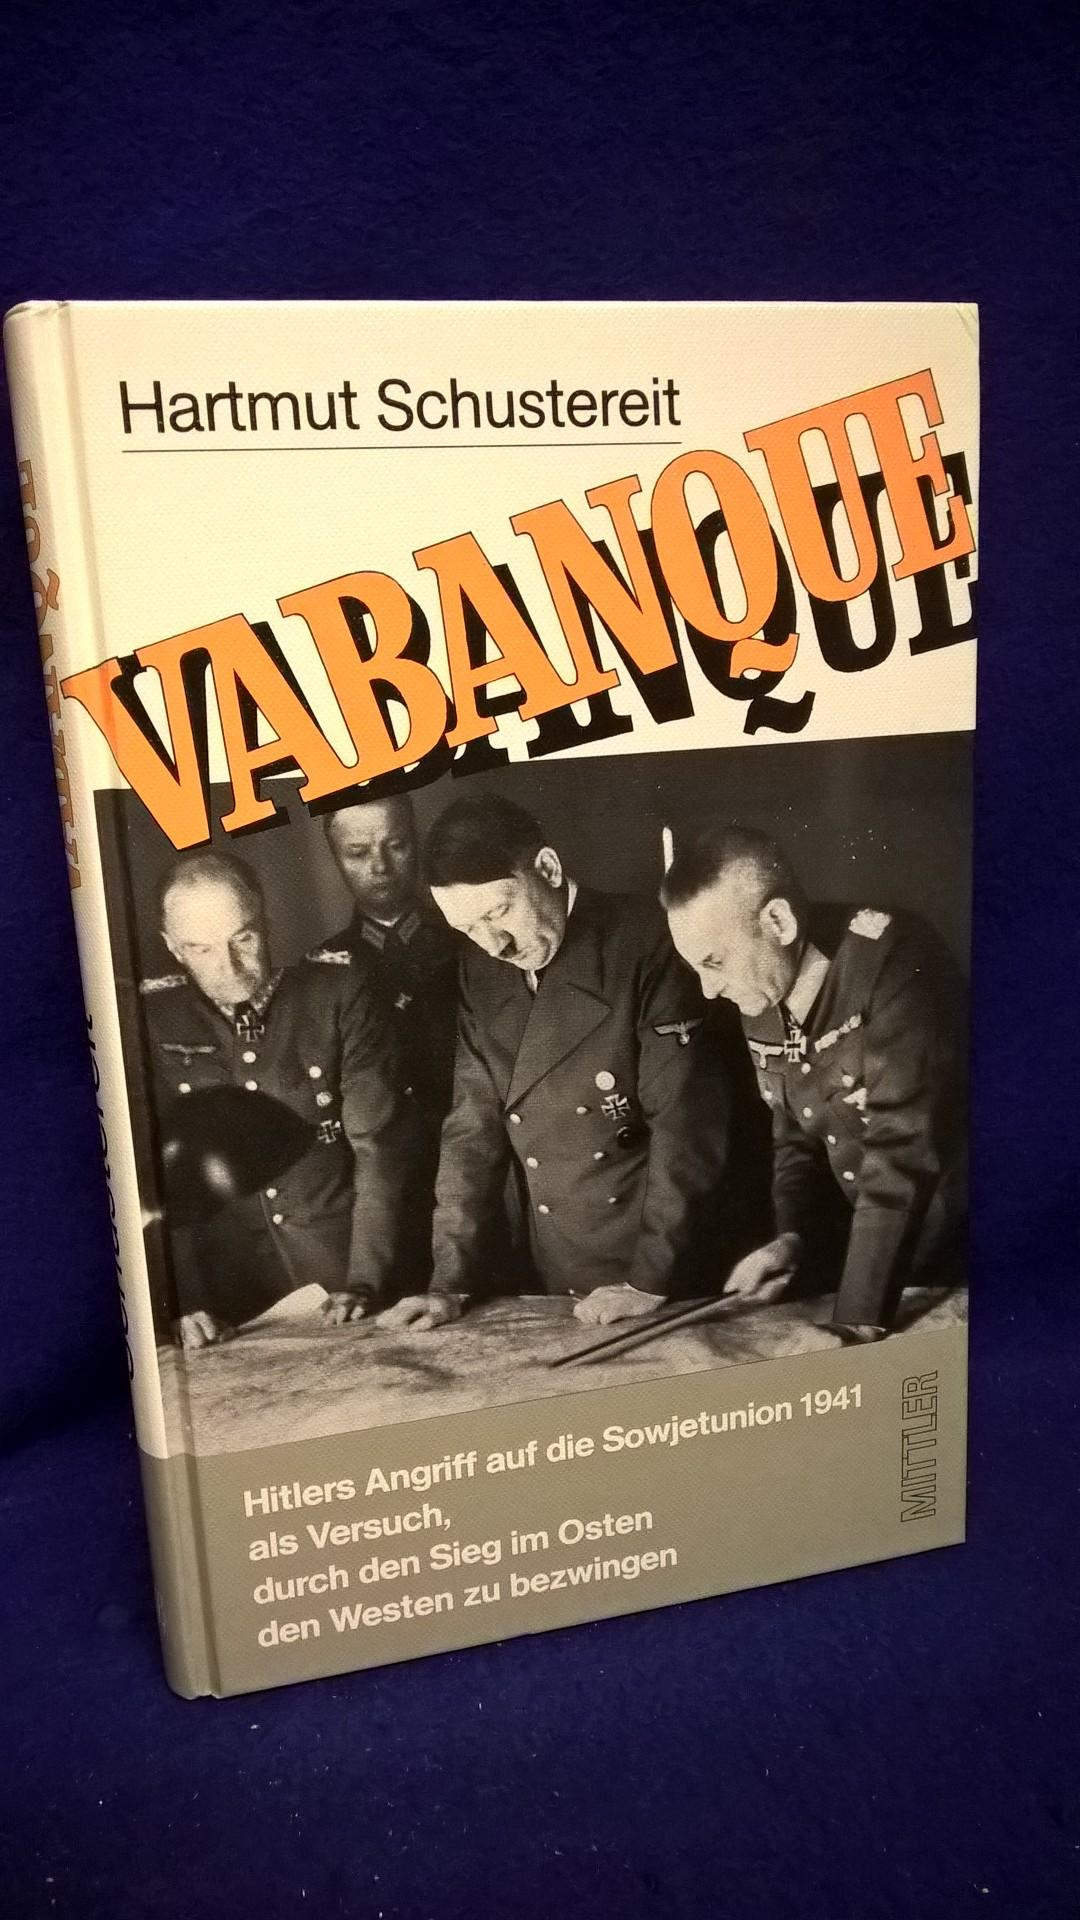 Vabanque. Hitlers Angriff auf die Sowjetunion 1941 als Versuch, durch den Sieg im Osten den Westen zu bezwingen.